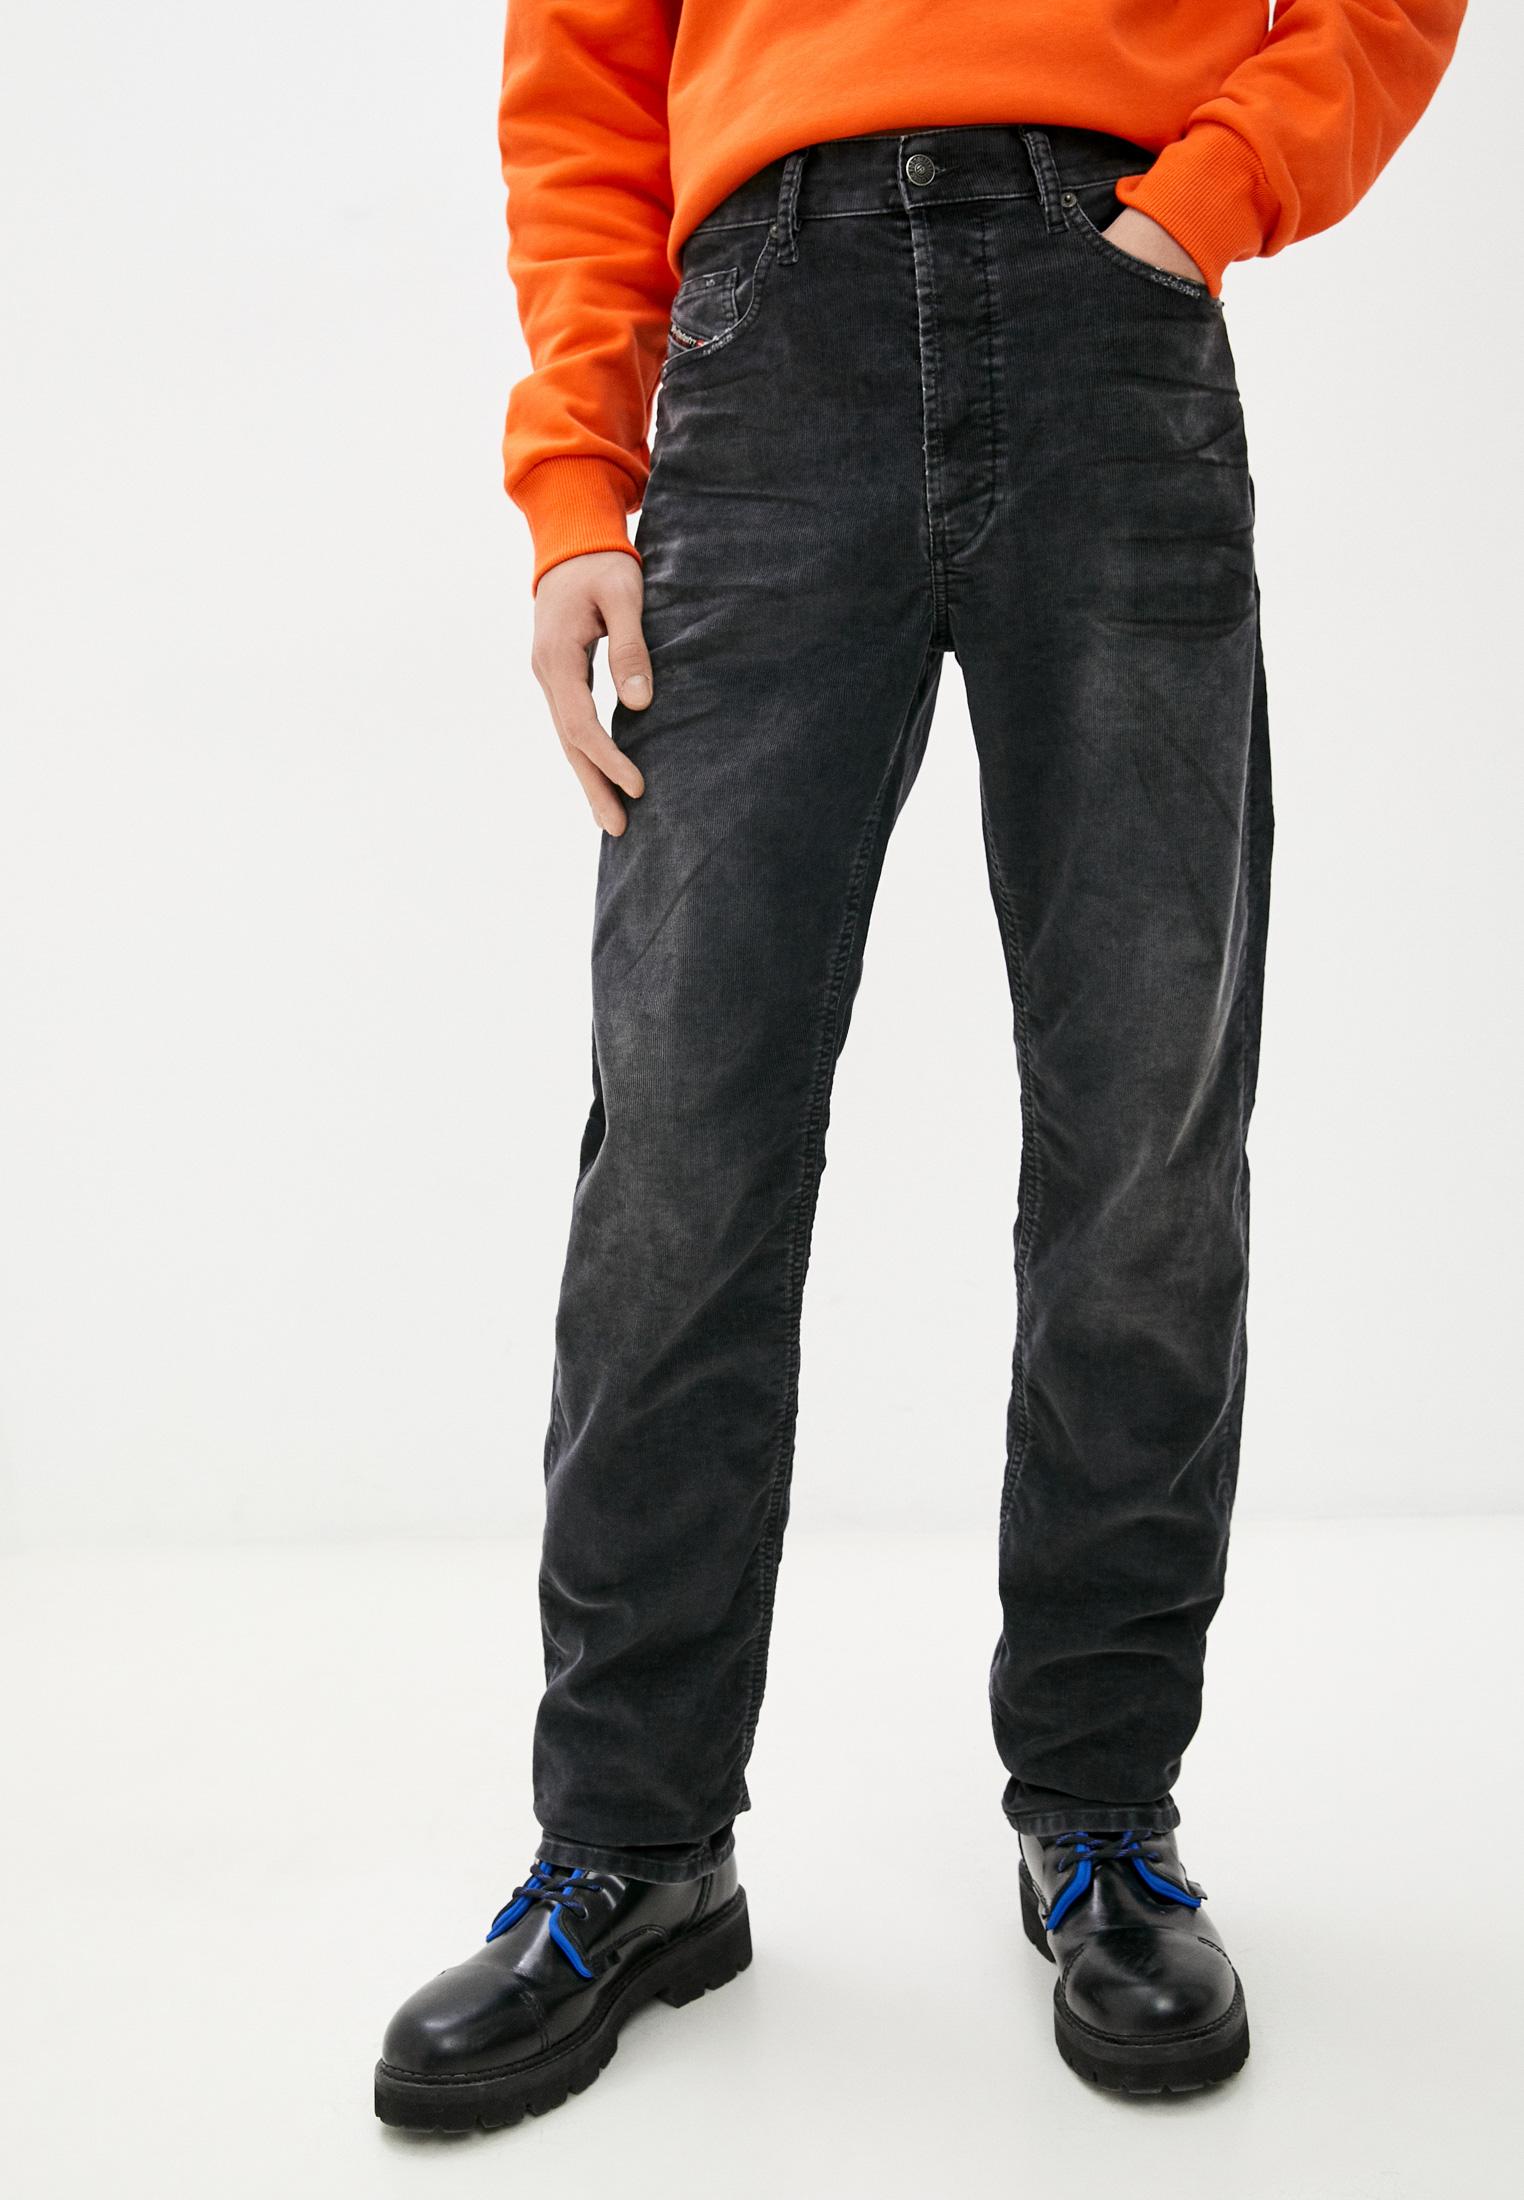 Мужские прямые брюки Diesel (Дизель) Брюки Diesel